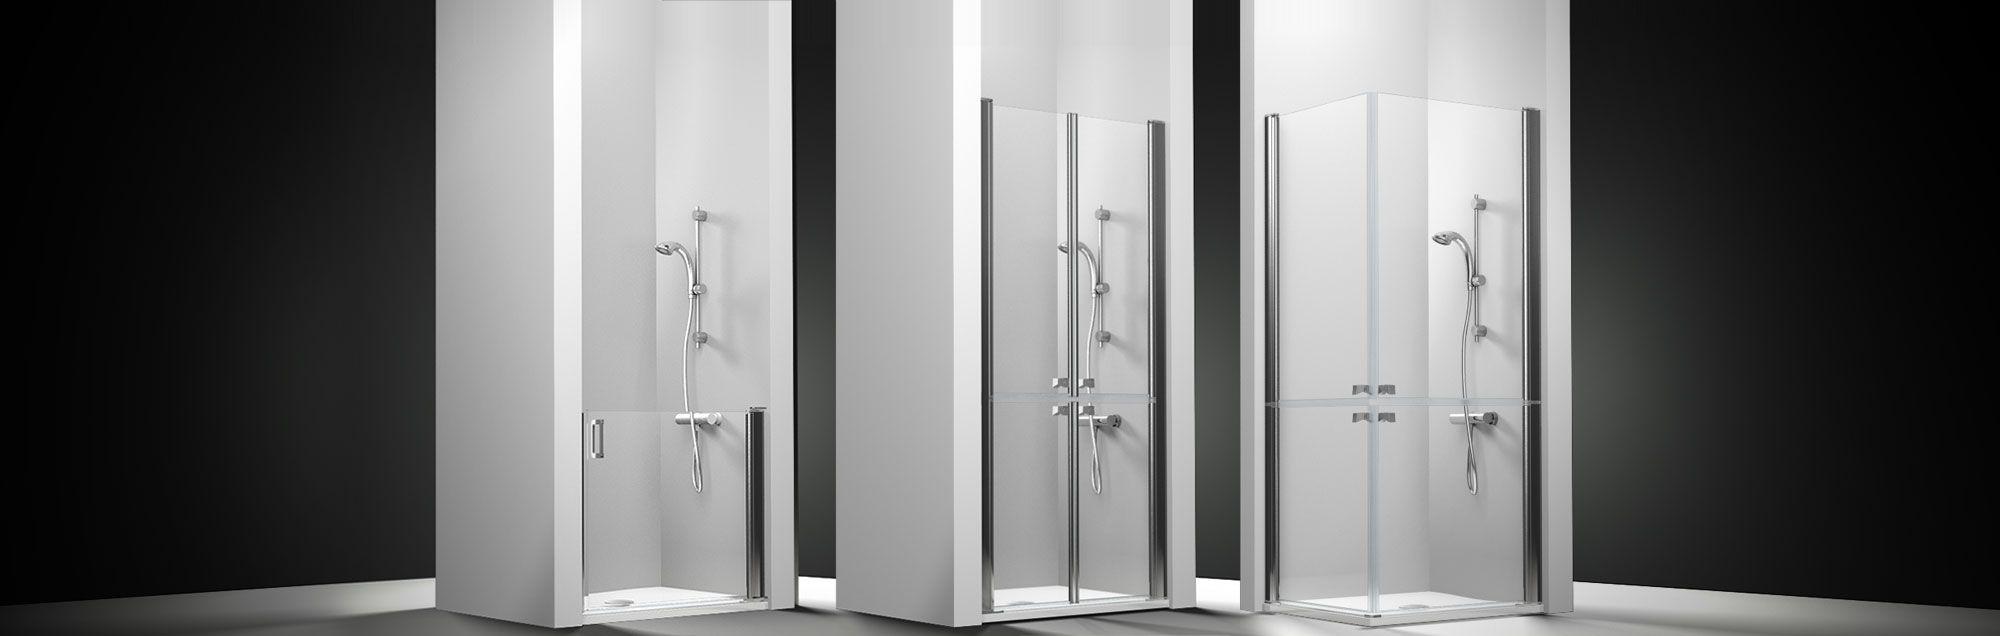 Mamparas pmr asistencial de ducha a medida PROFILTEK